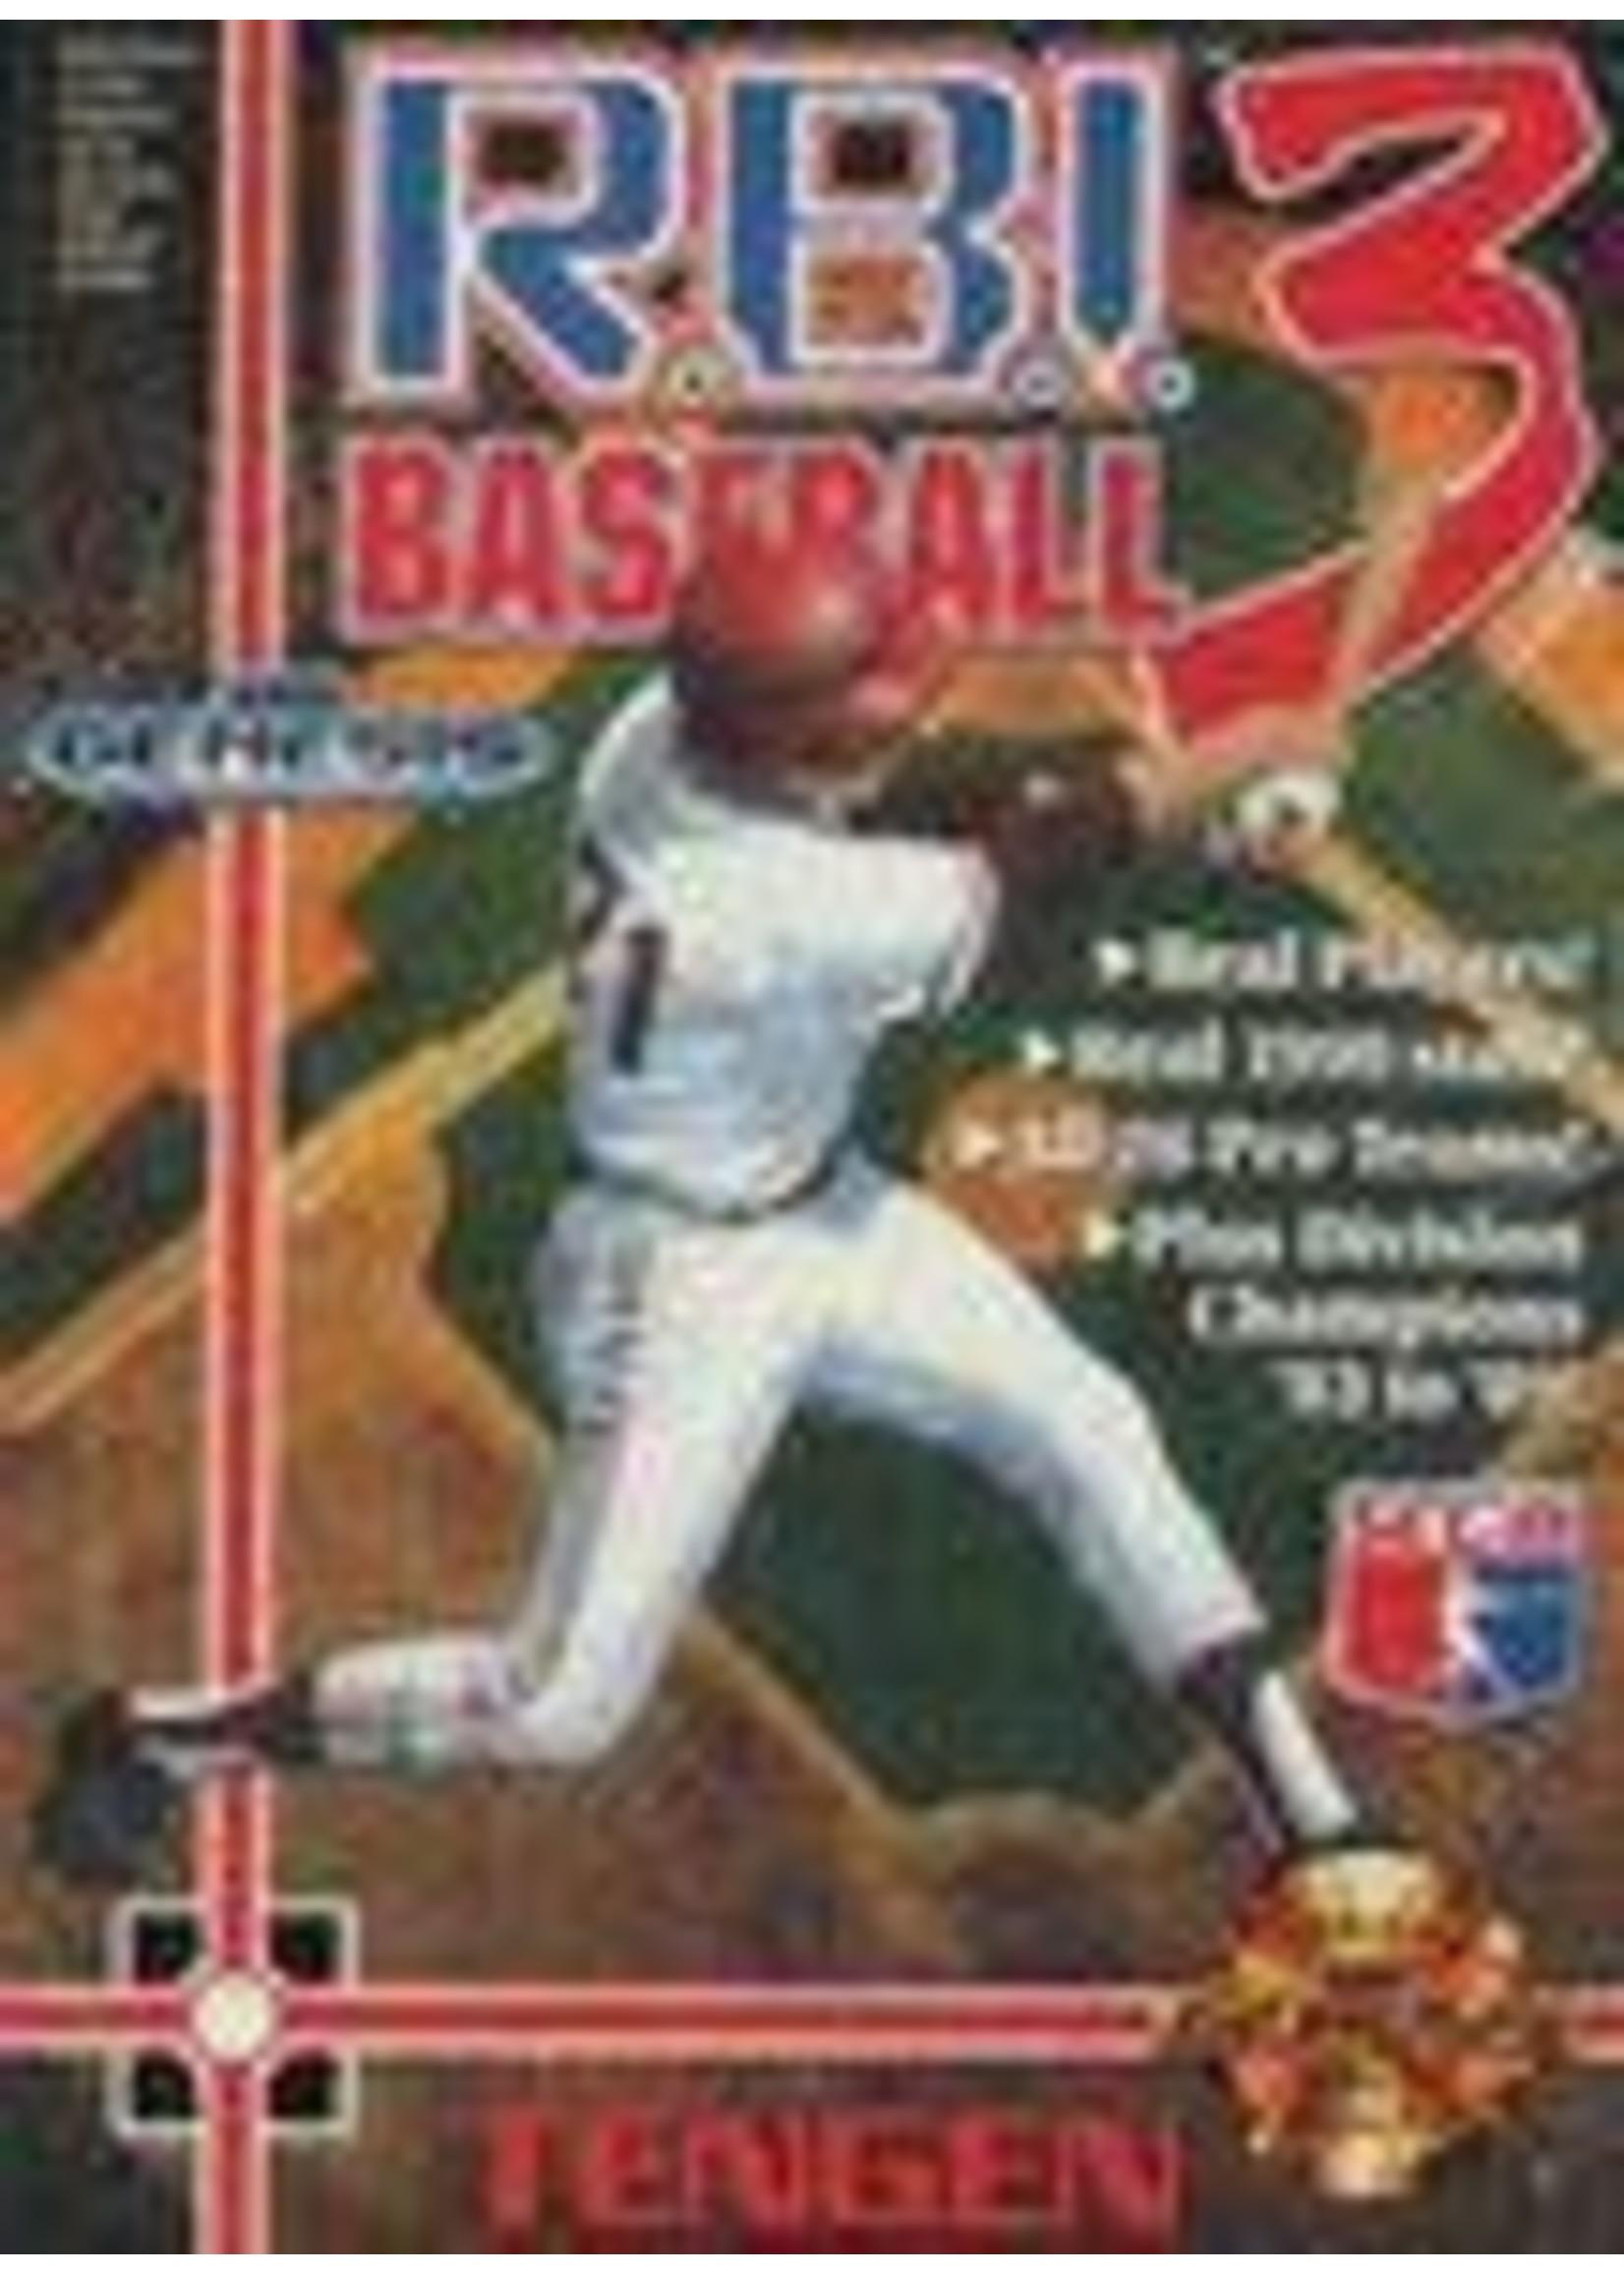 RBI Baseball 3 Sega Genesis